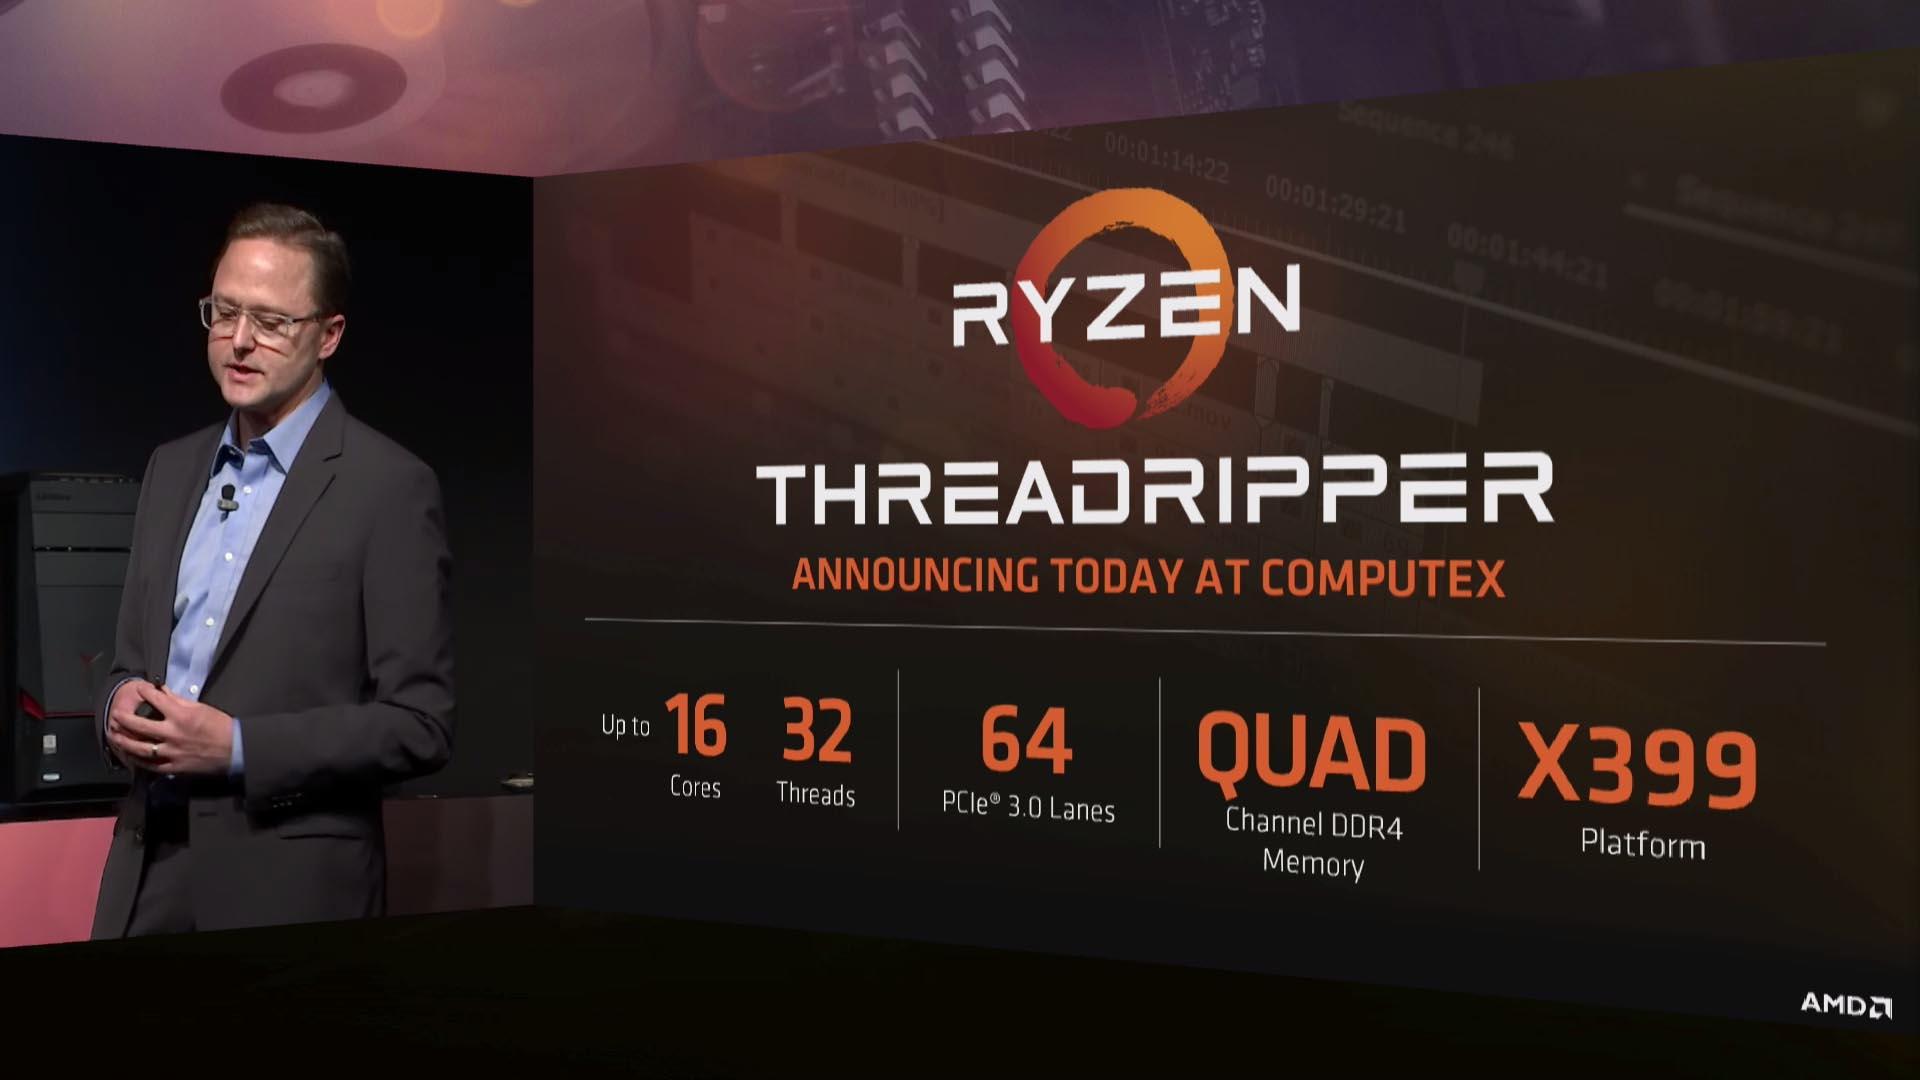 AMD-Ryzen-Threadripper-X399-Platform-Computex-2017